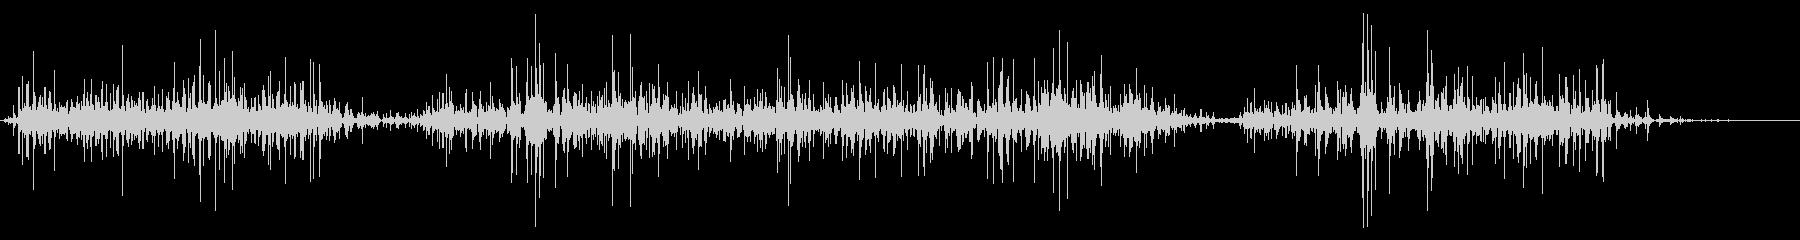 ネバネバ、ヌメヌメとした不気味な音B#5の未再生の波形